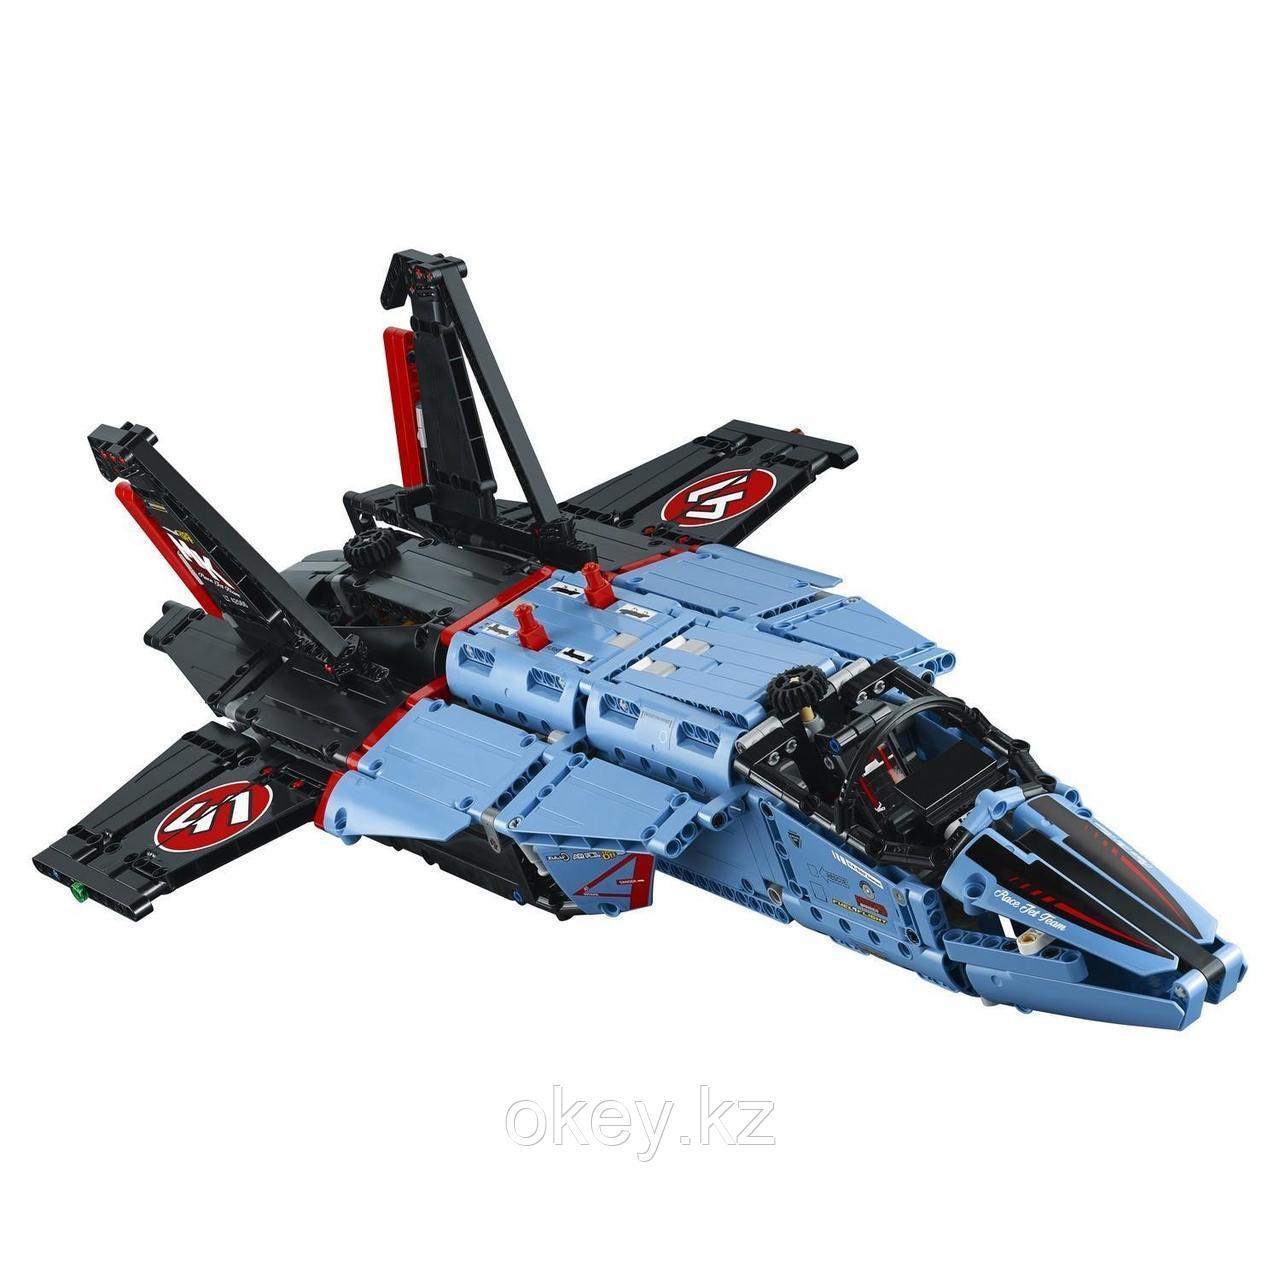 LEGO Technic: Сверхзвуковой истребитель 42066 - фото 4